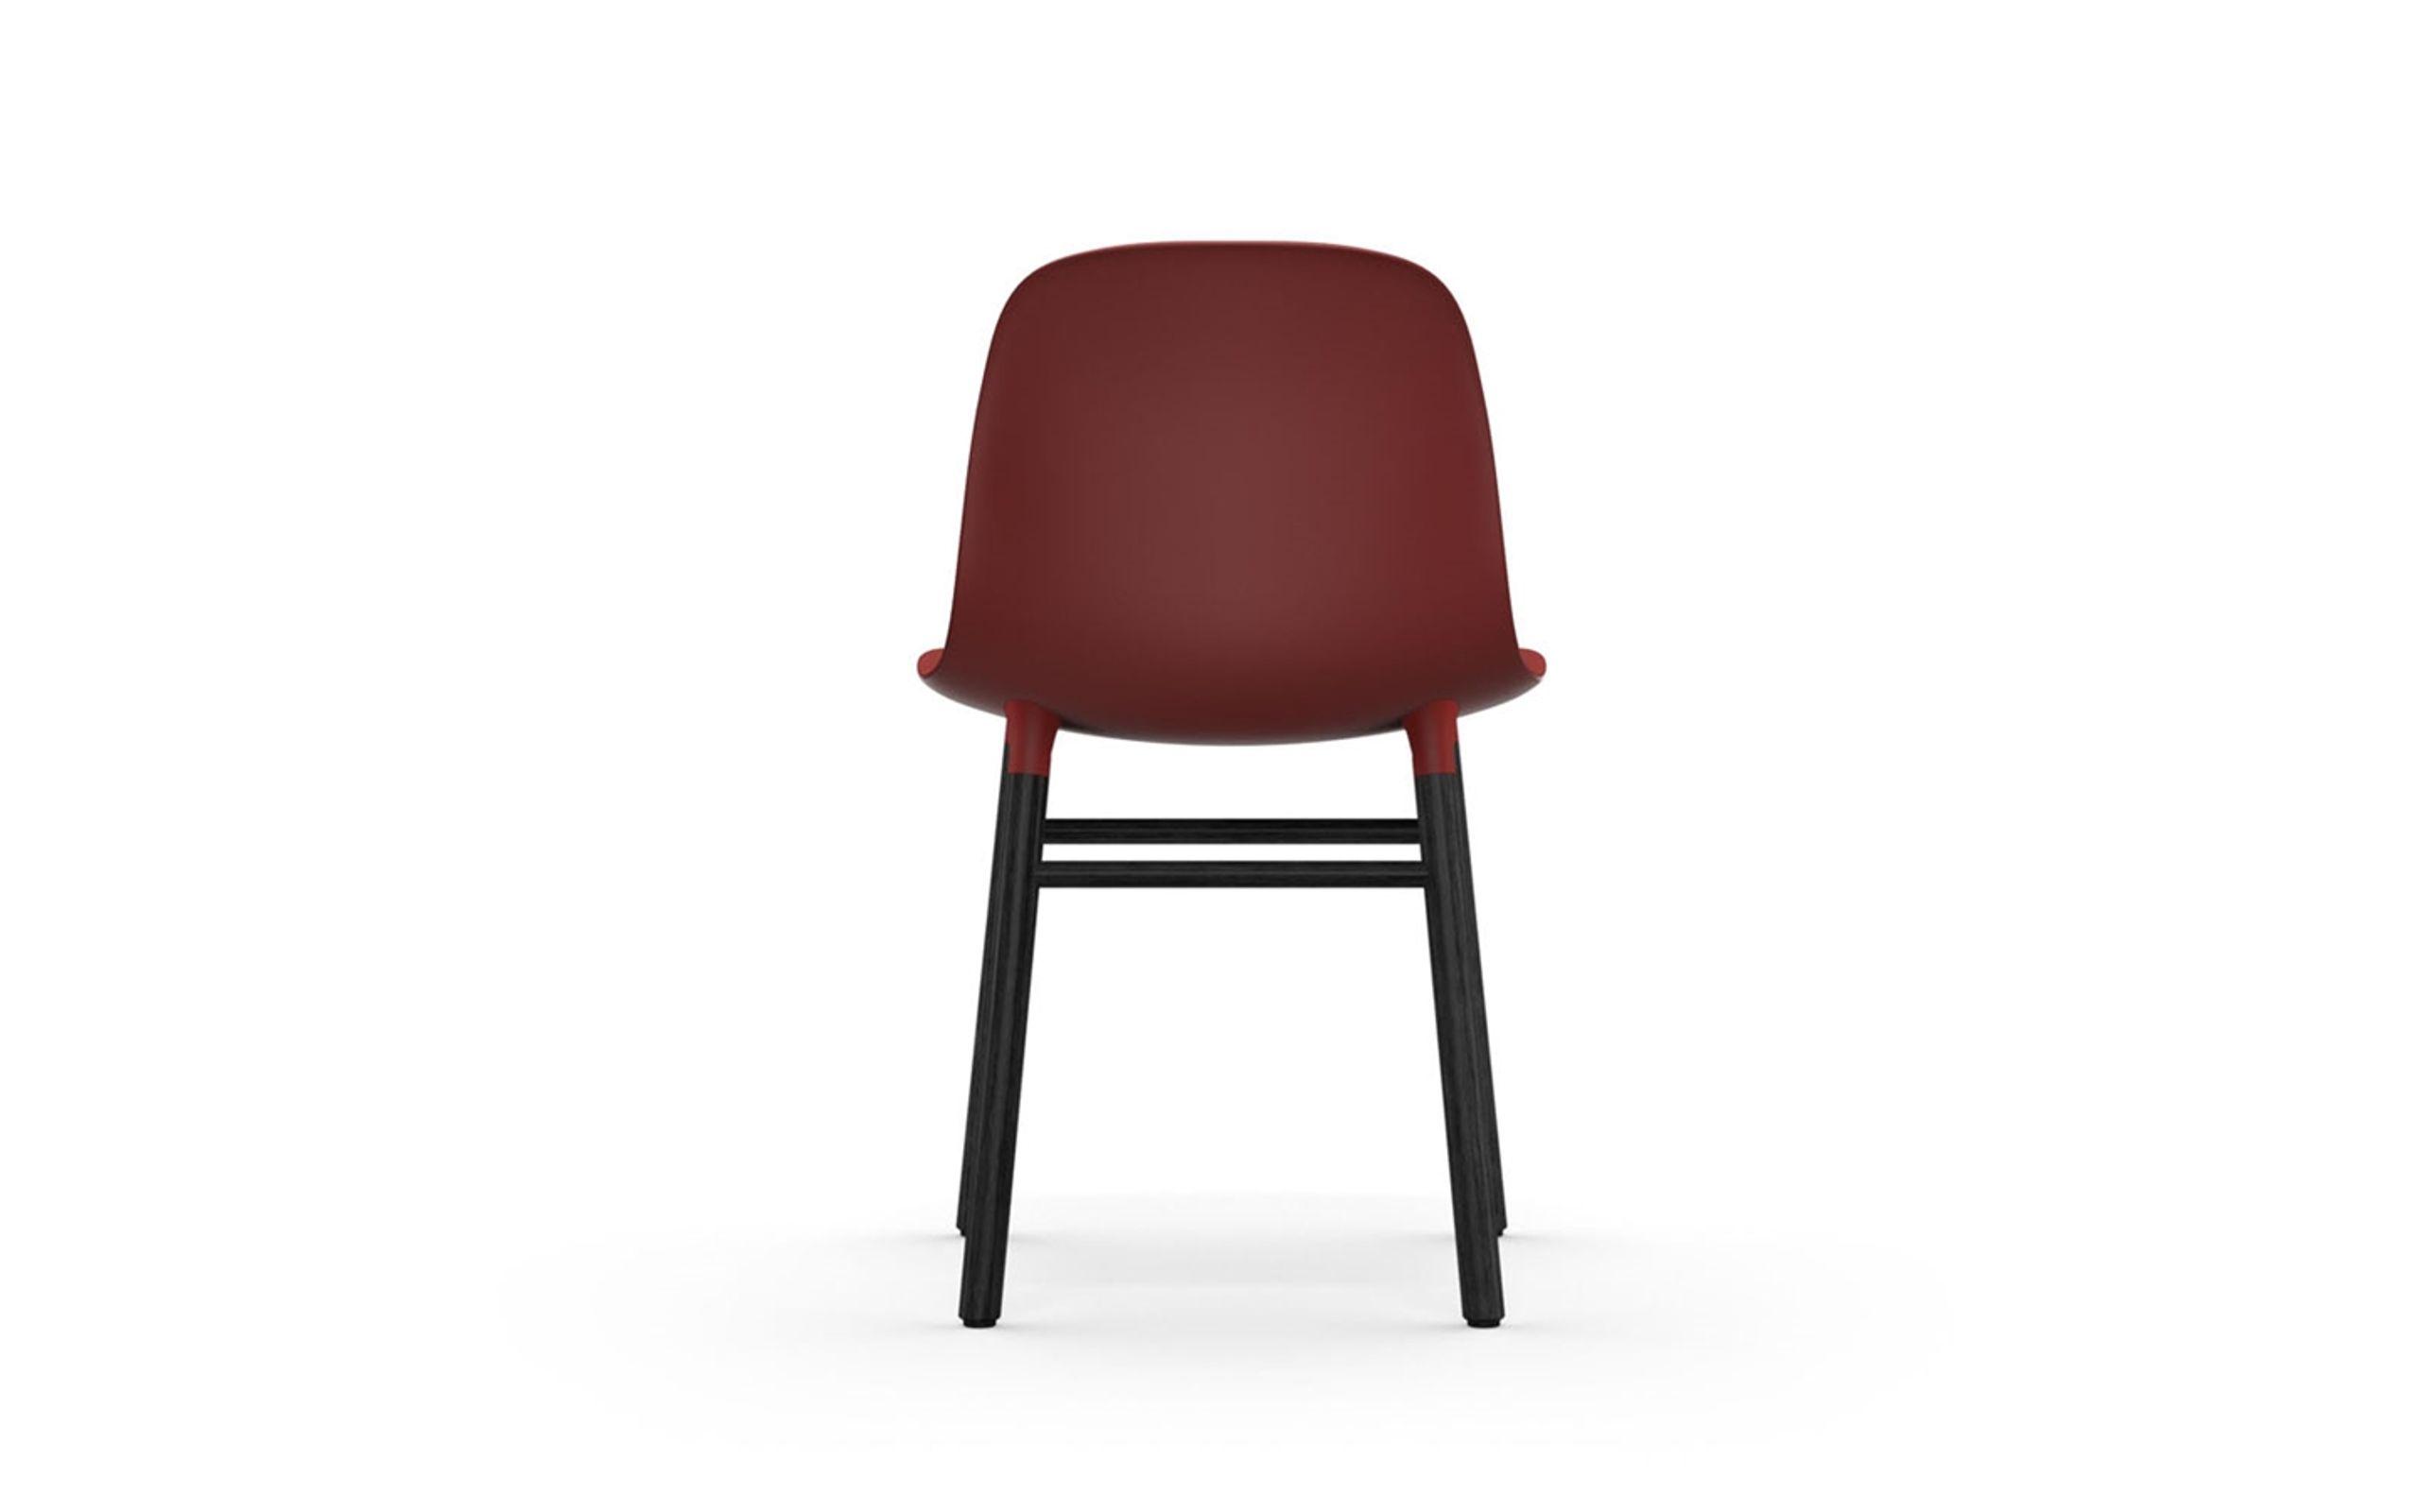 Normann Copenhagen Stoel : Form chair chair normann copenhagen